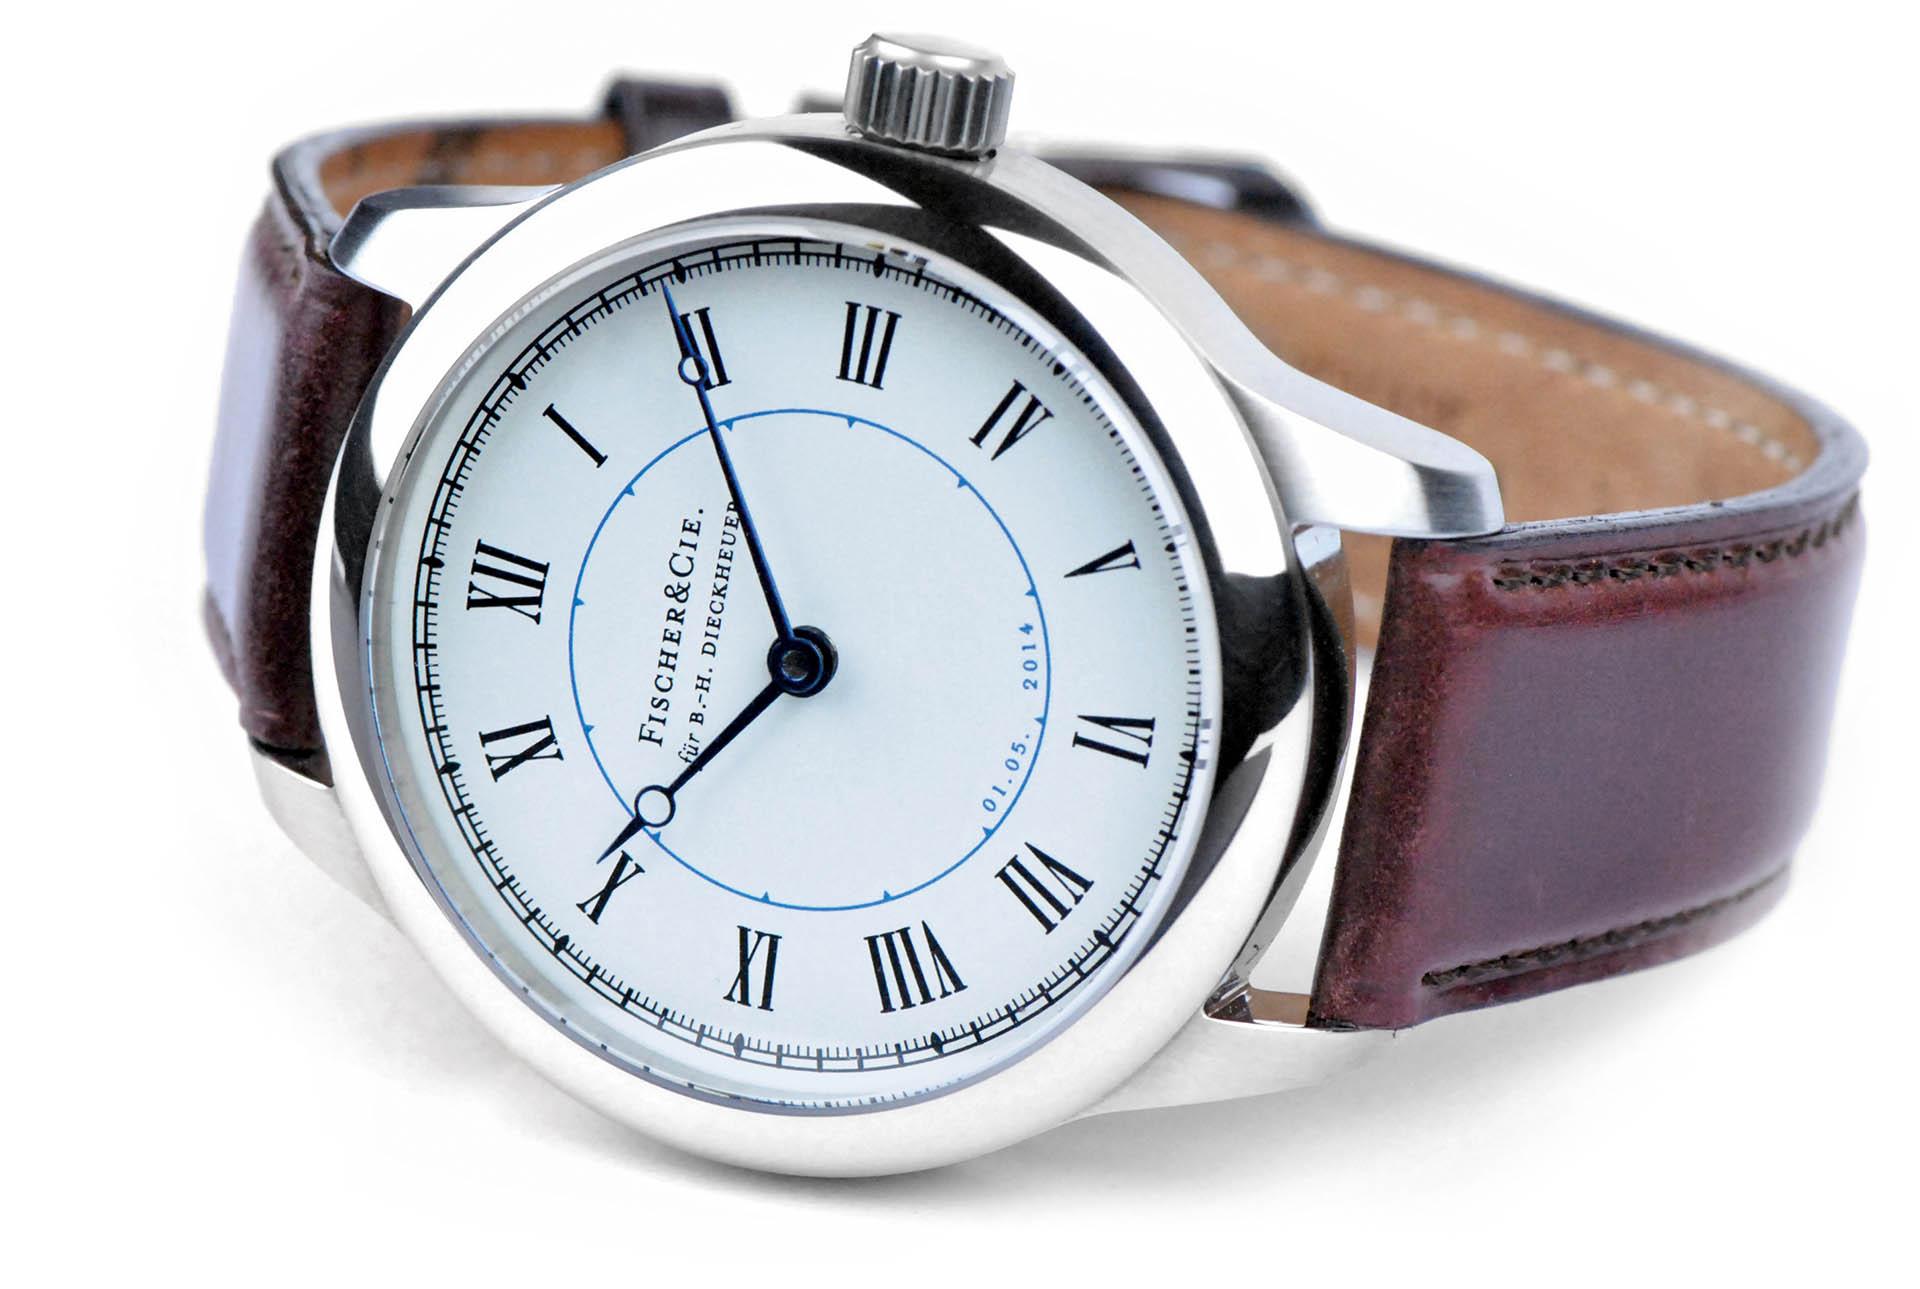 Fischer & Cie. fertigt Uhren nach Kundenwunsch, mit individuellem Gehäuse, Krone, Zifferblatt, Zeiger und Werk.